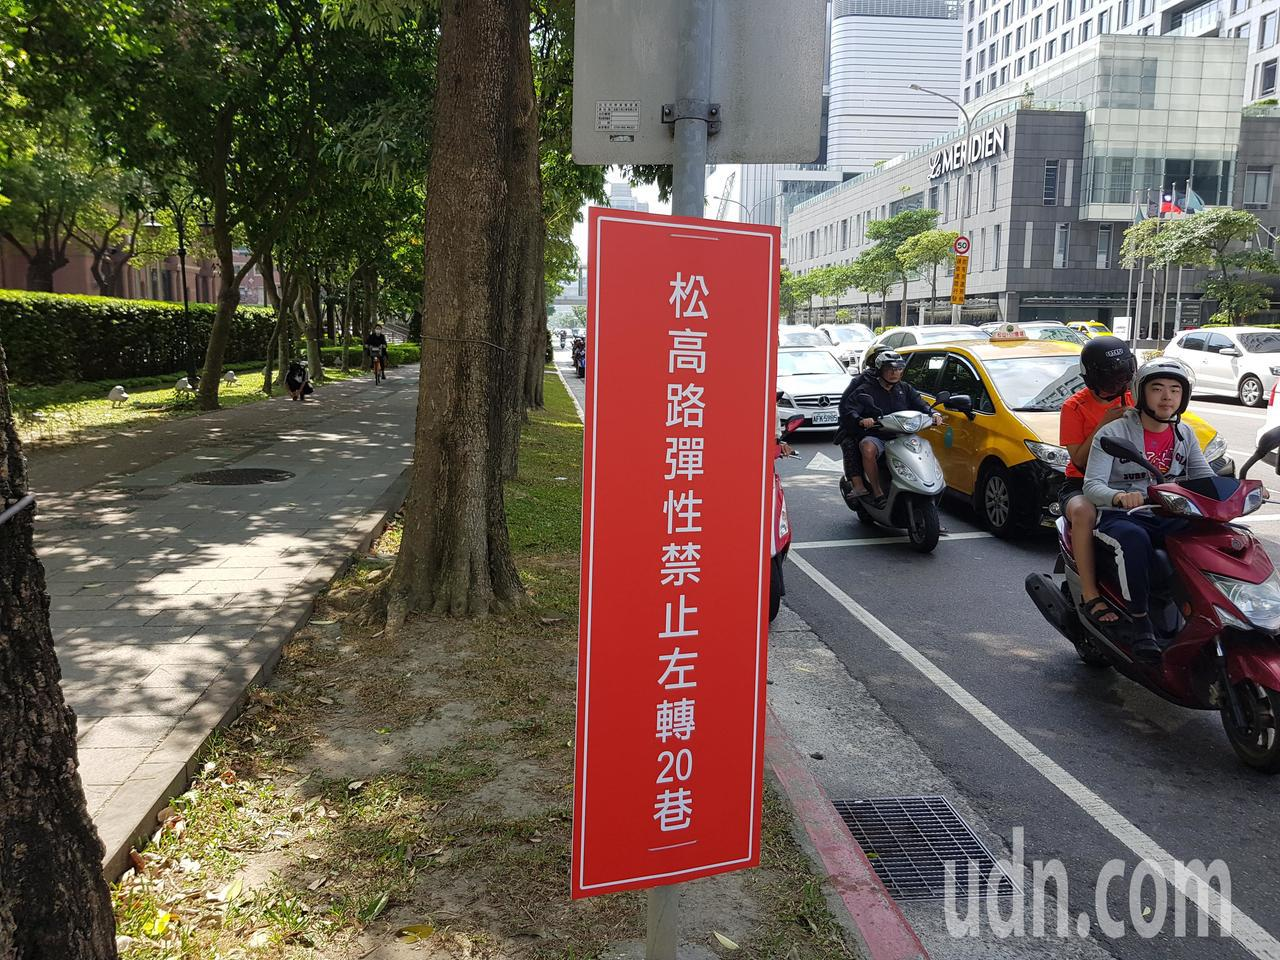 台北市信義區百貨公司本月中旬起周年慶,交通局在松仁路與松高路口設置「松高路彈性禁...